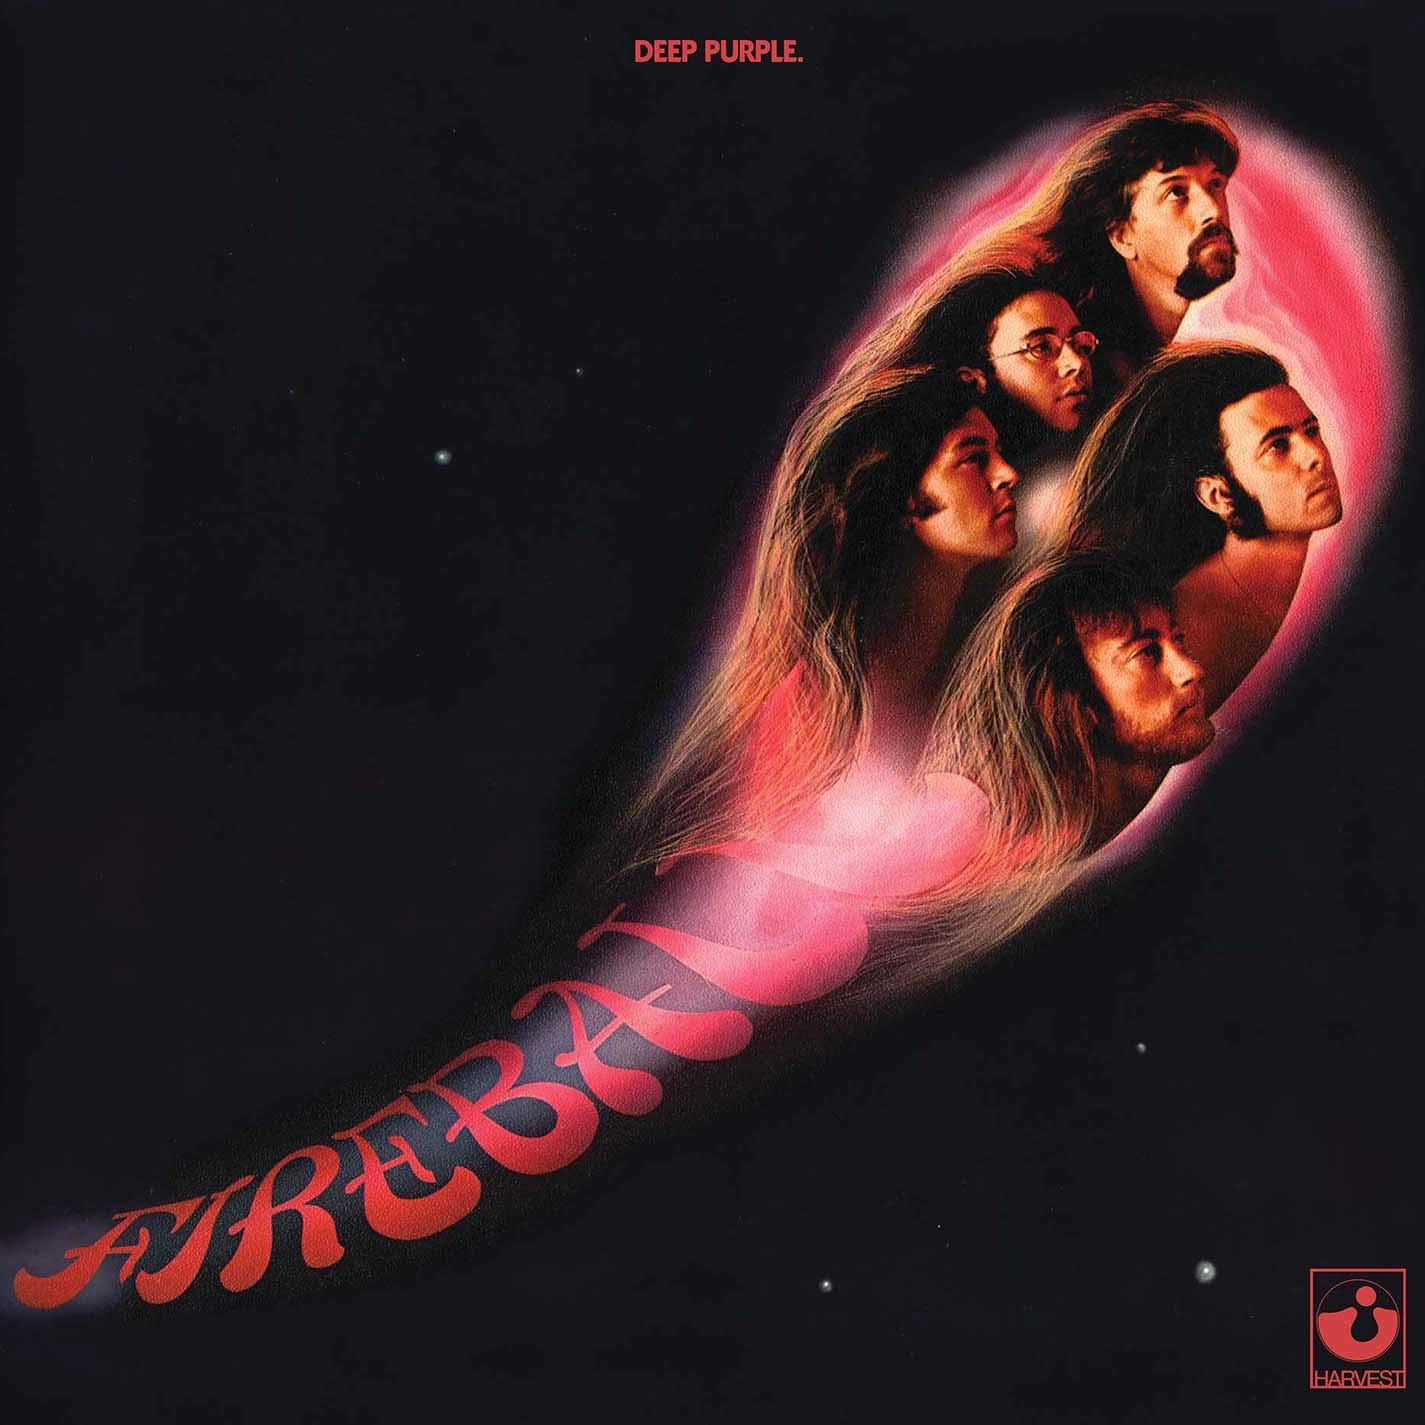 Deep Purple - Fireball Remastered